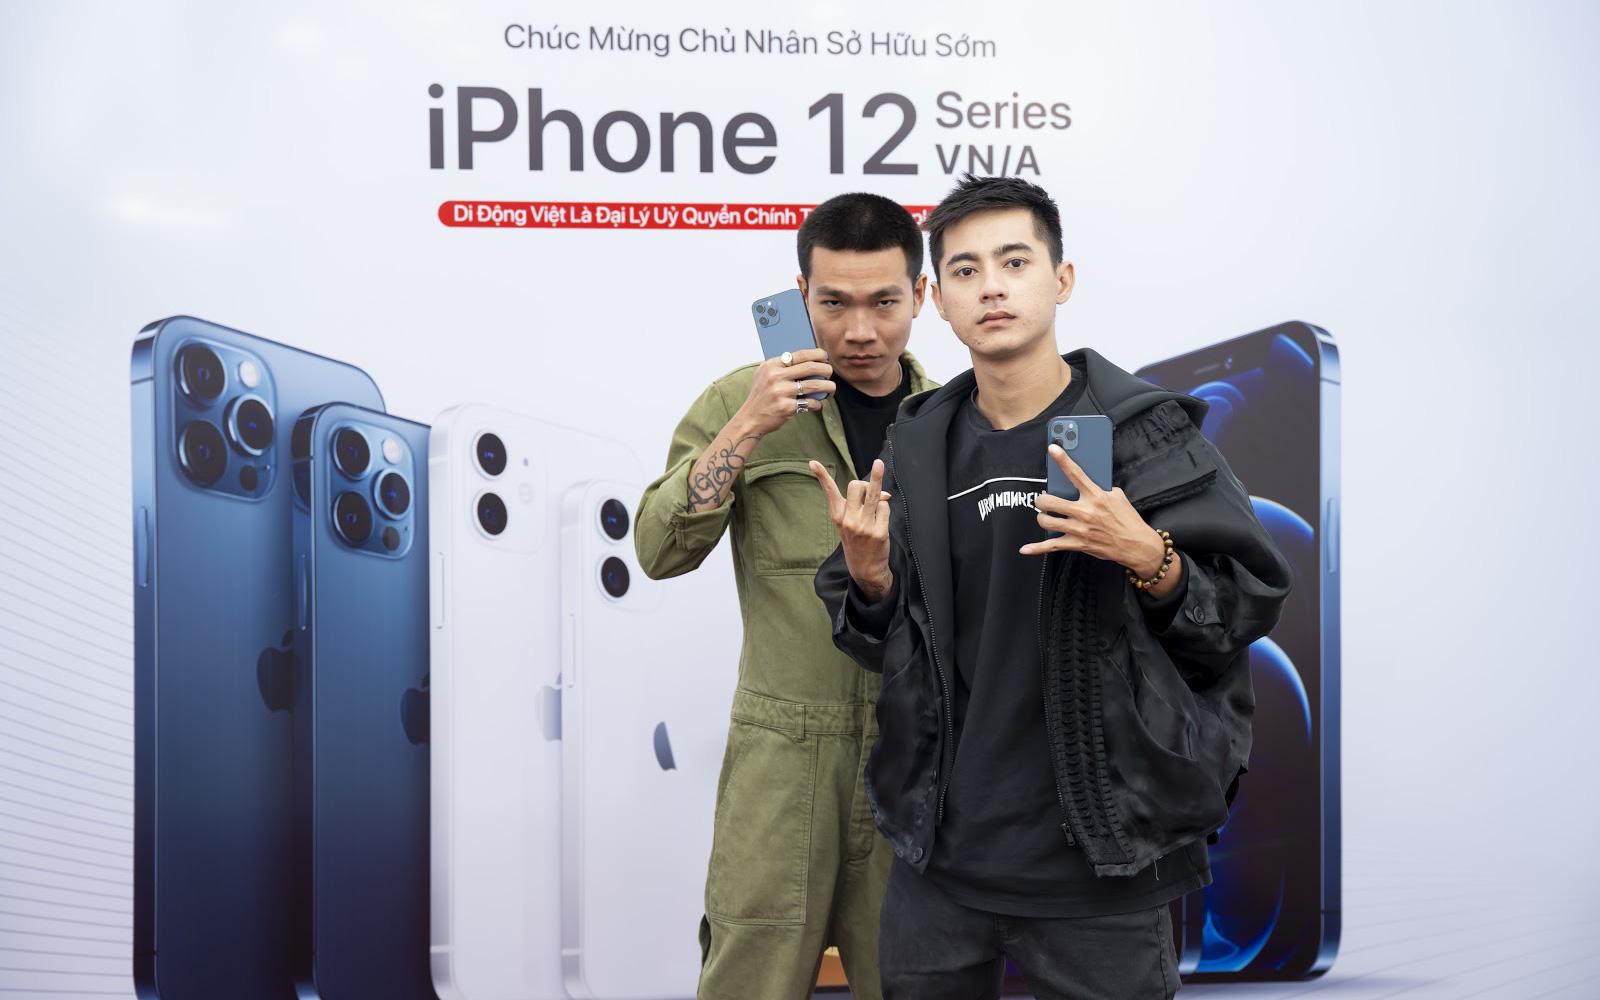 """Wowy dẫn Lăng LD đi mua iPhone 12 Pro Max ngay ngày đầu mở bán: """"Thầy nhà người ta"""" chưa bao giờ làm mình thất vọng"""